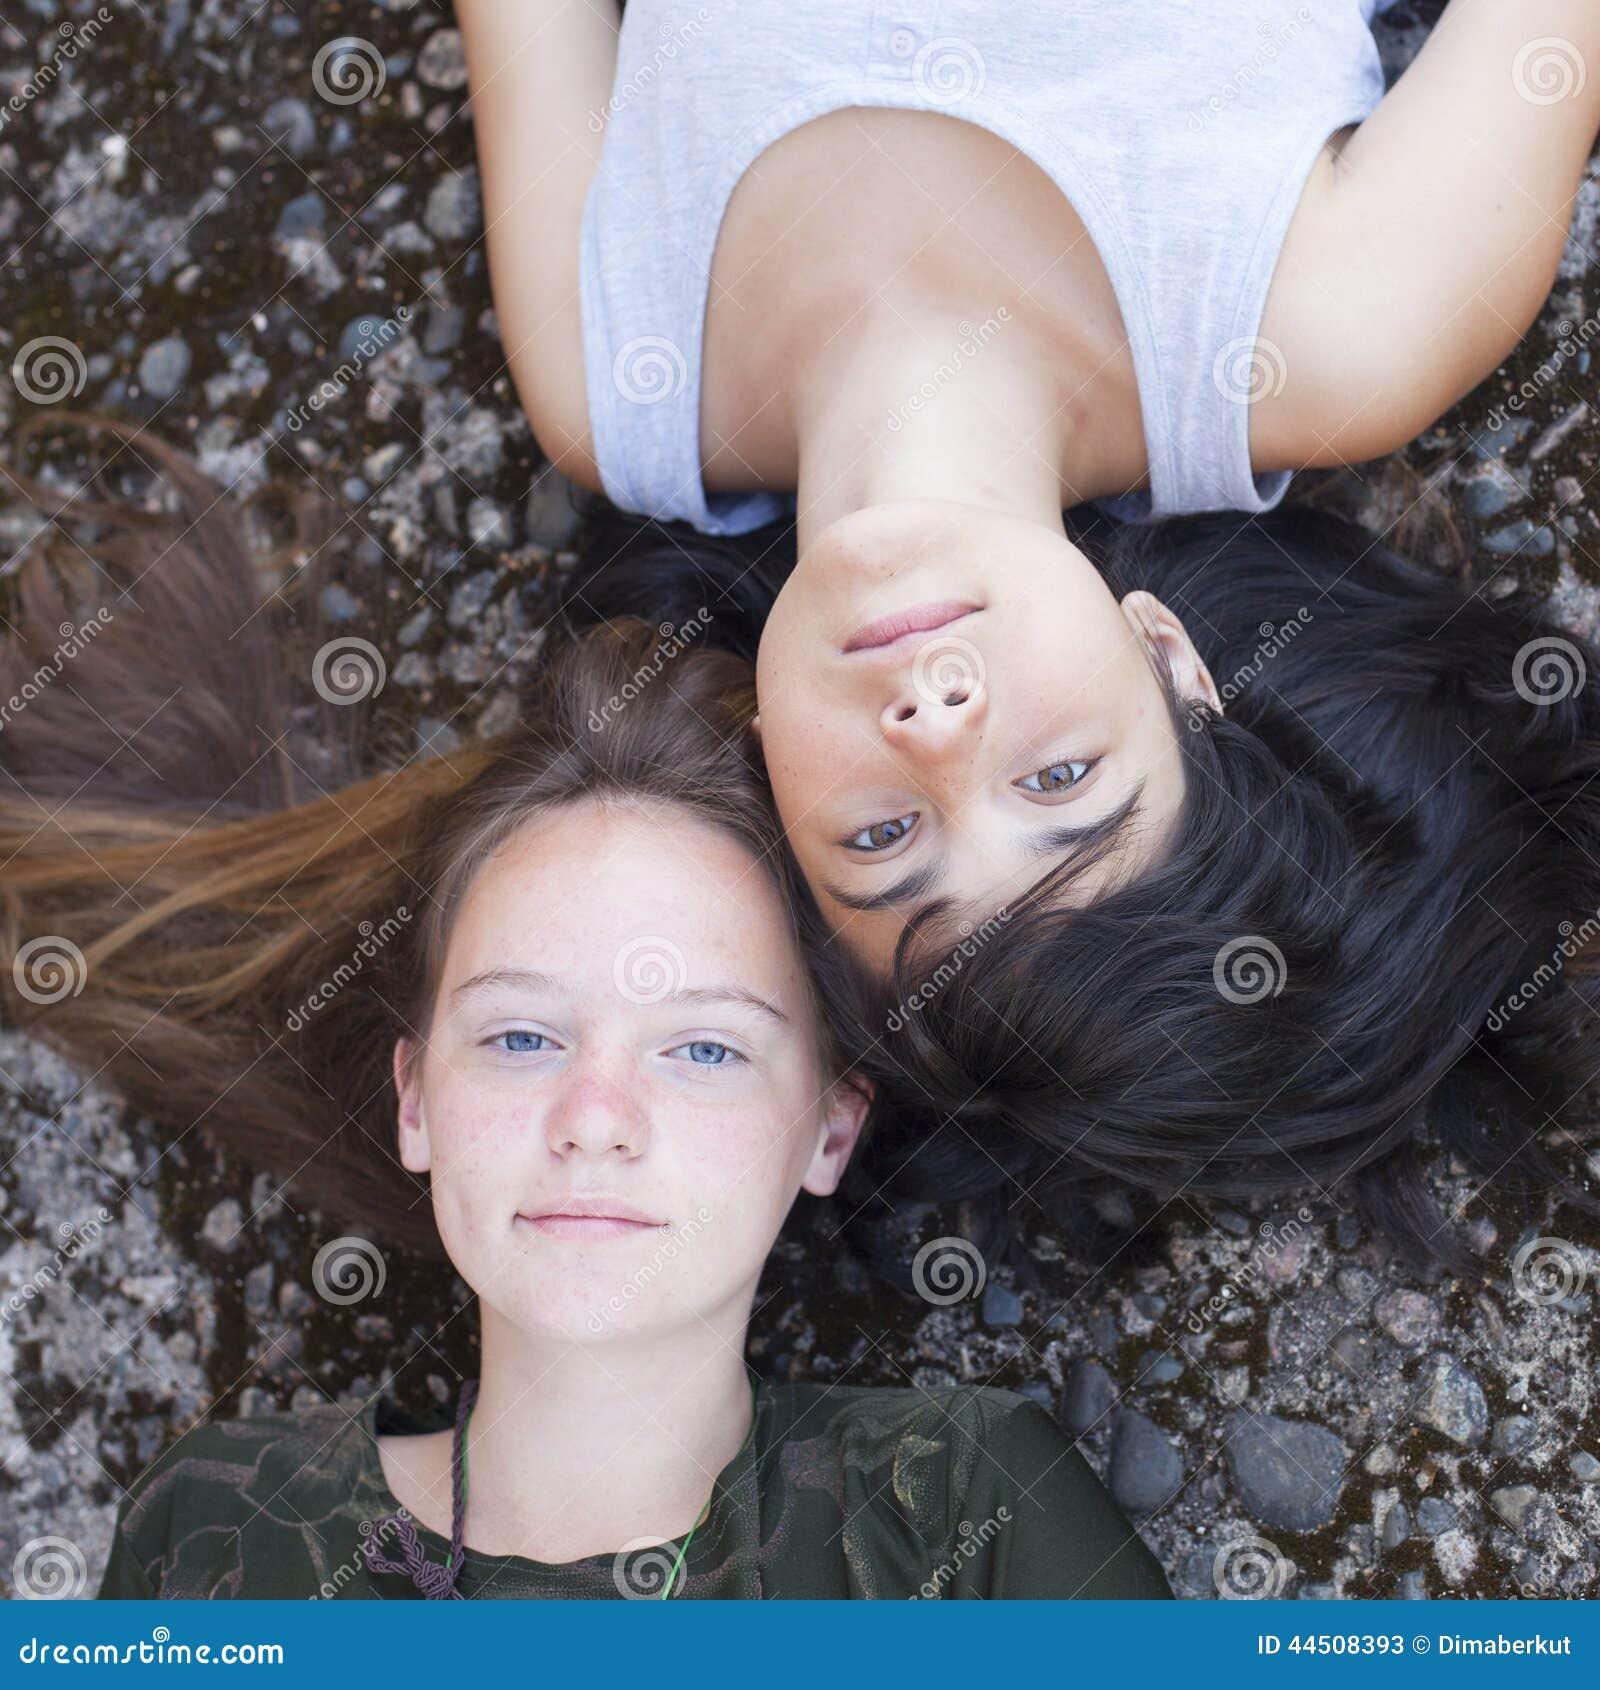 Две девки сверху, порно фото минета из социальных и файлообменных сетей